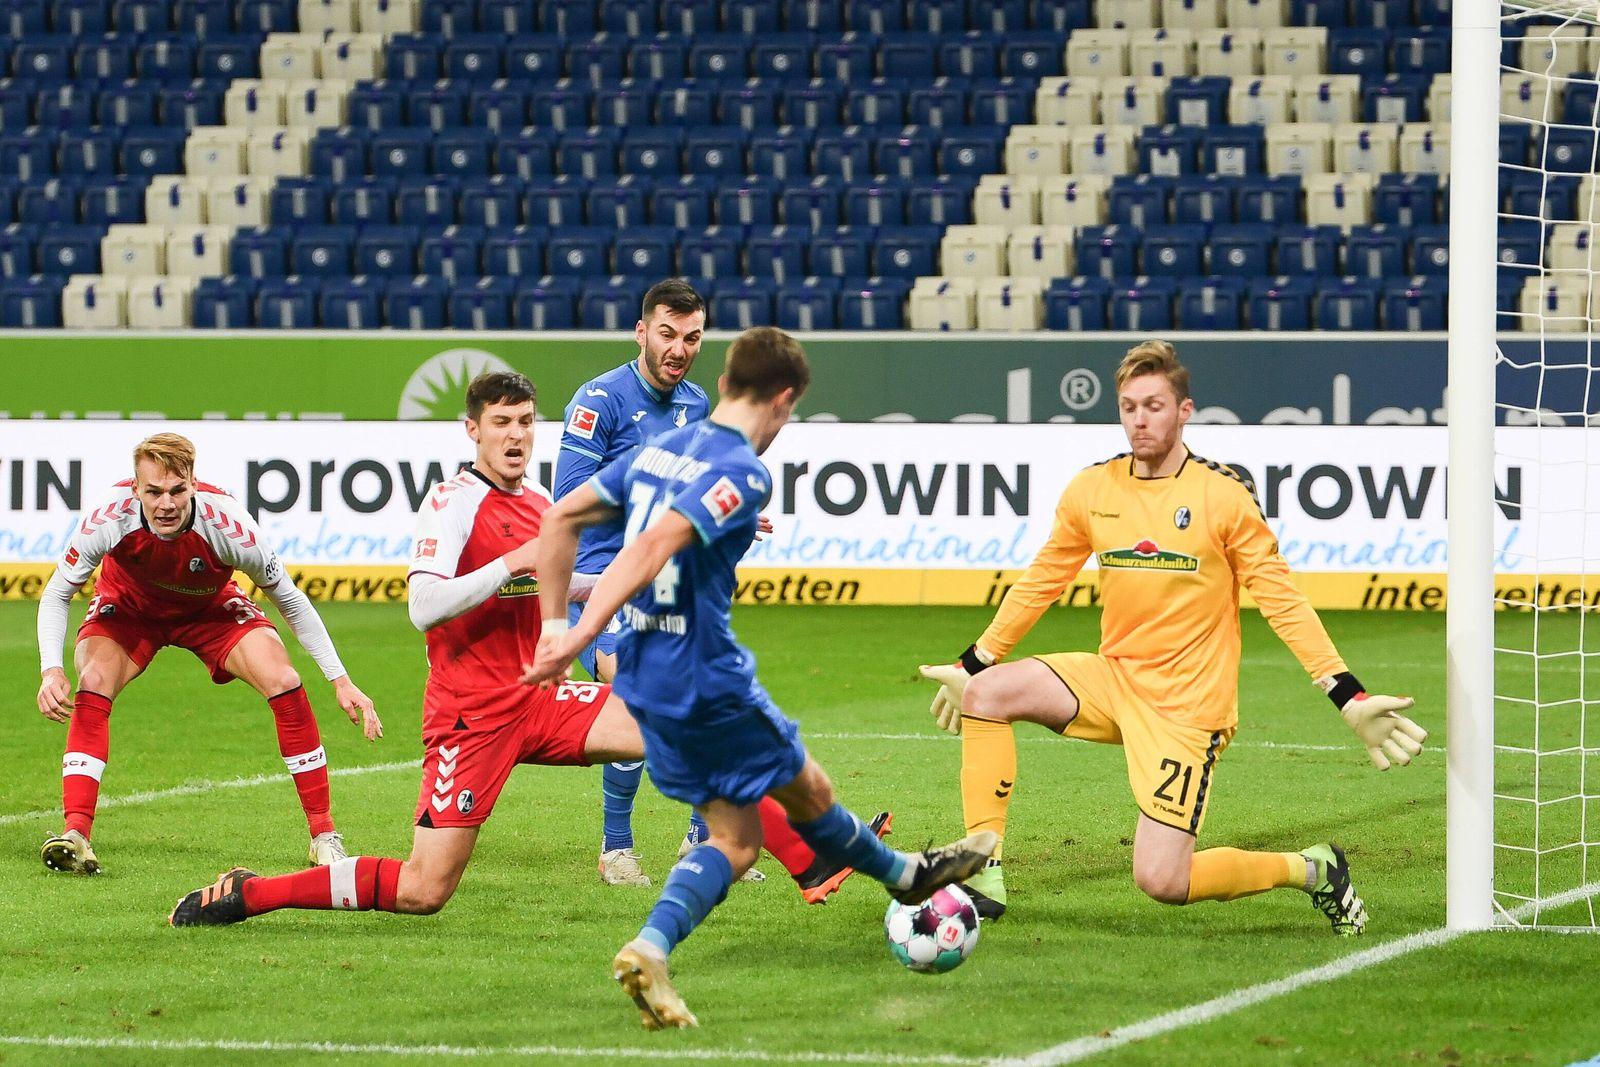 02.01.2021, xmeix, 1.Fussball Bundesliga, TSG 1899 Hoffenheim - SC Freiburg, emspor. v.l.n.r, Chance von Sargis Adamyan